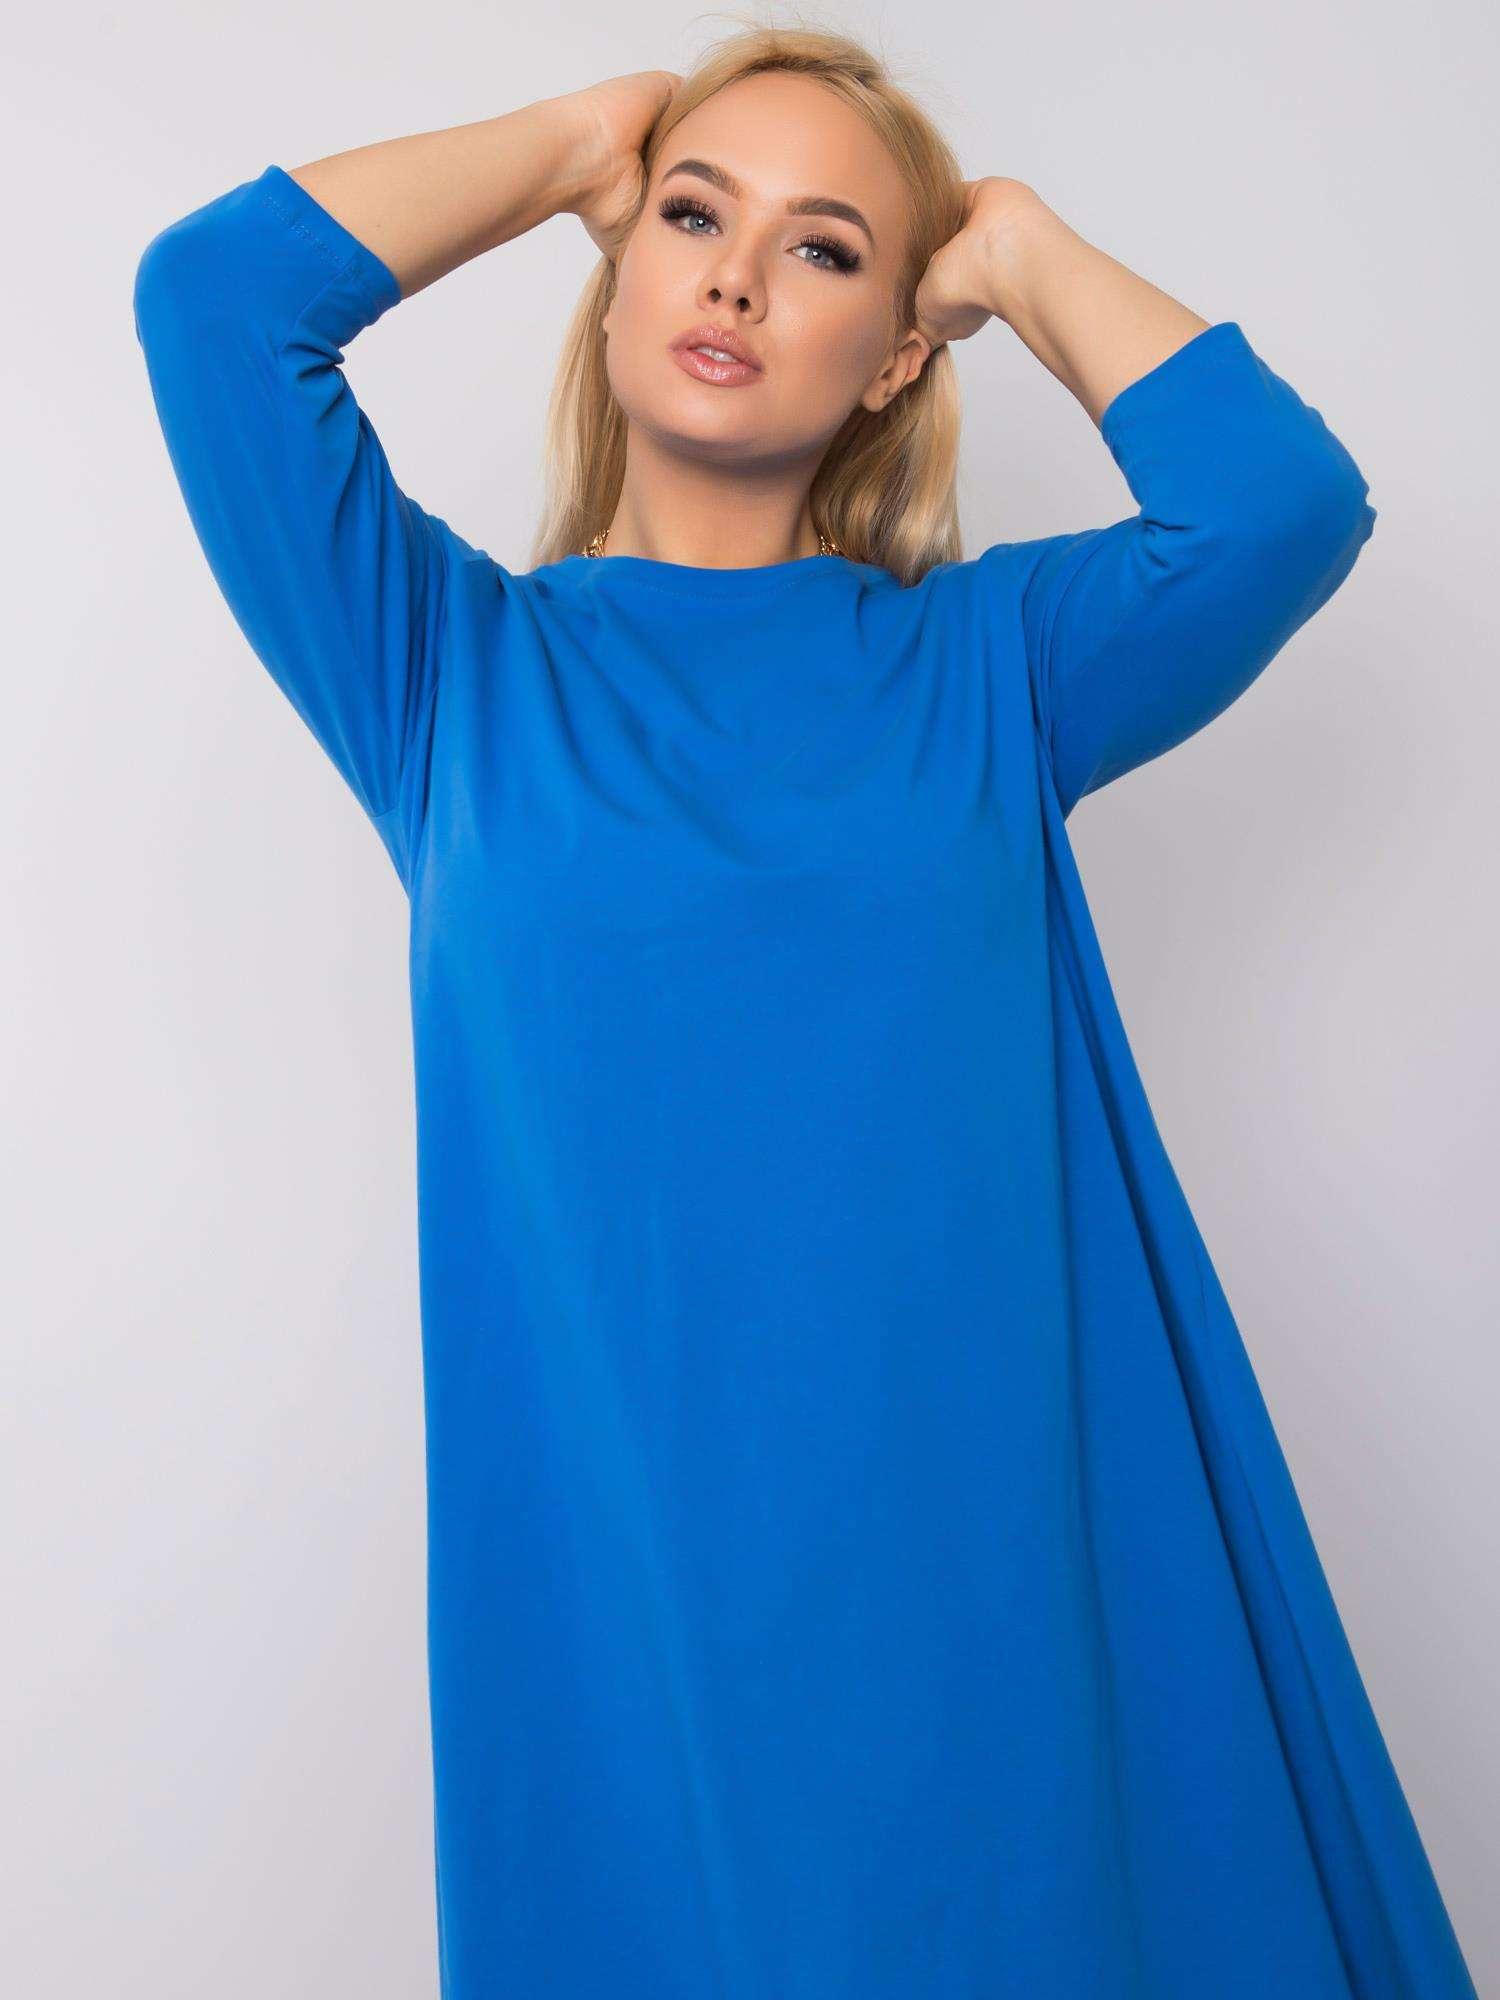 Dámske modré asymetrické šaty - UNI